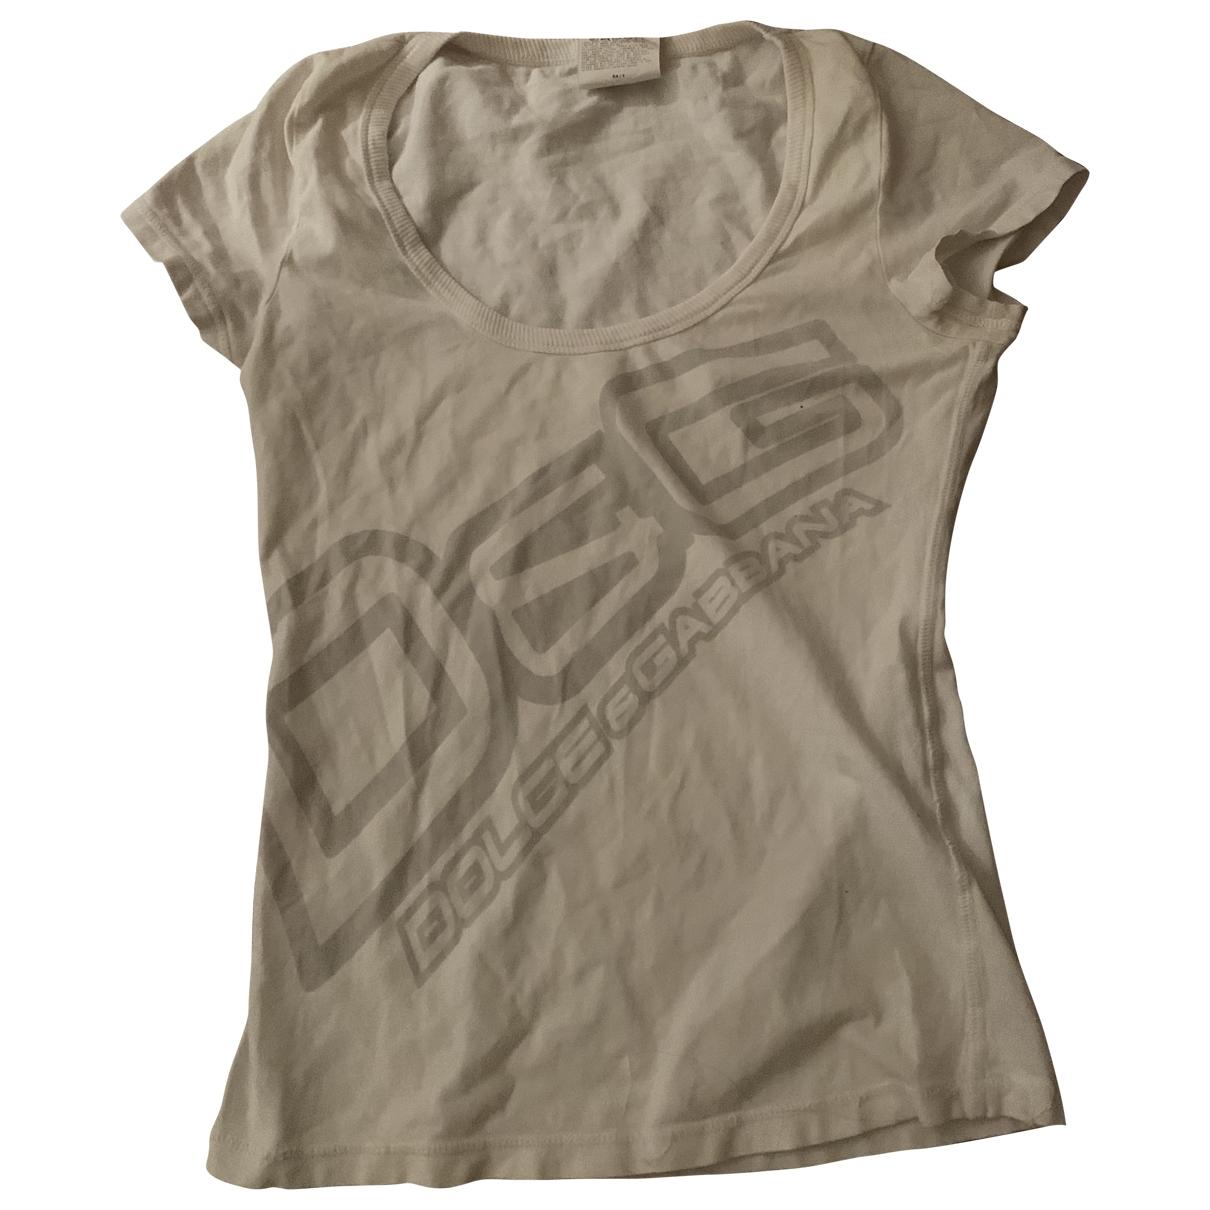 D&g - Top   pour femme en coton - blanc